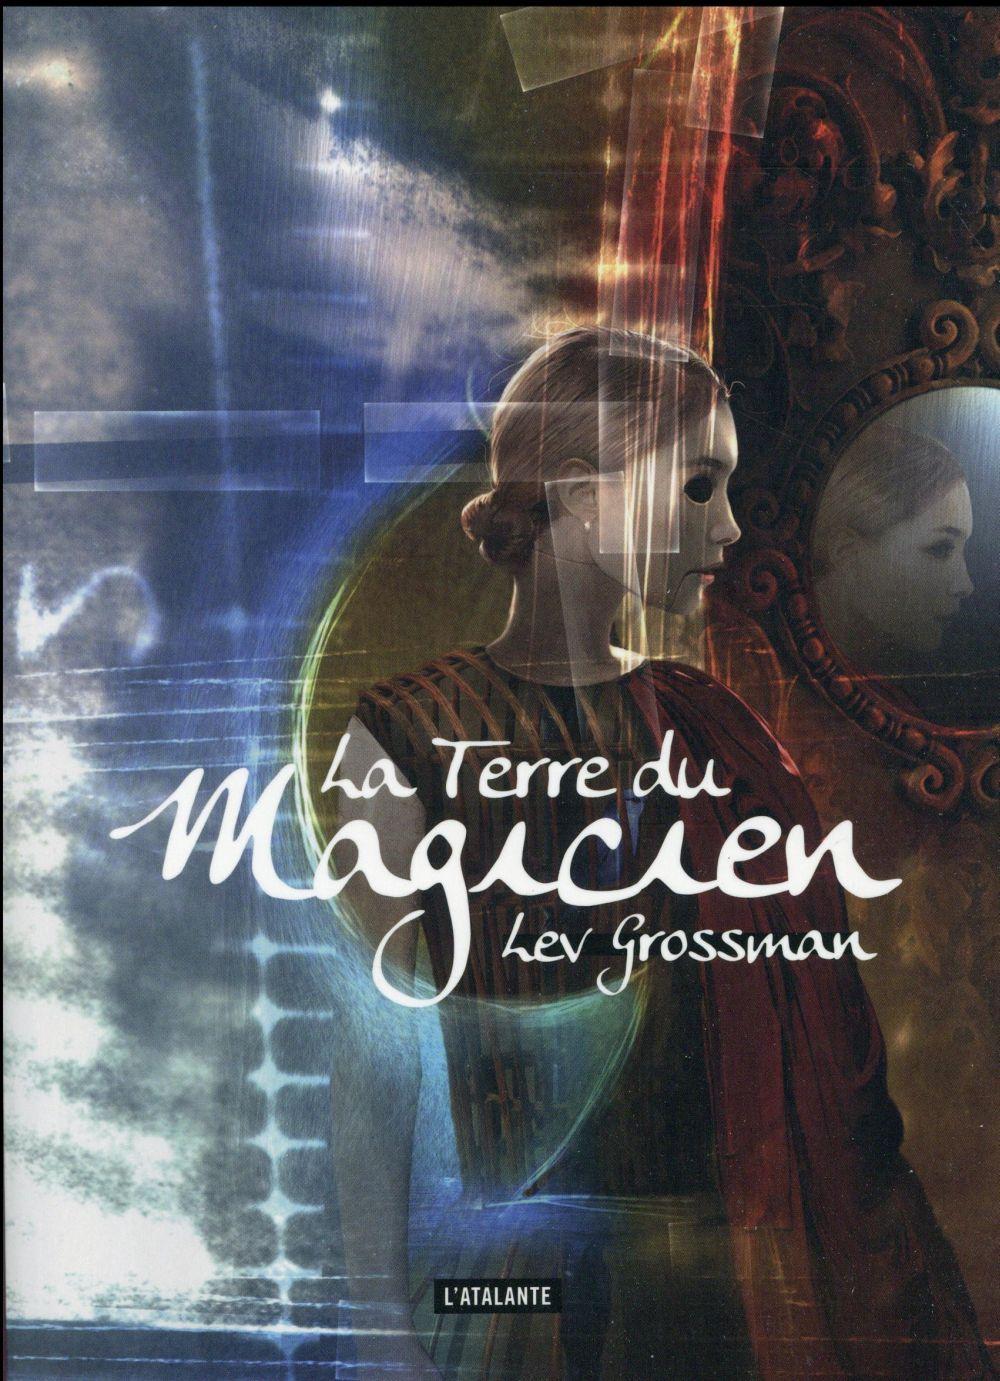 Grossman Lev - LA TERRE DU MAGICIEN